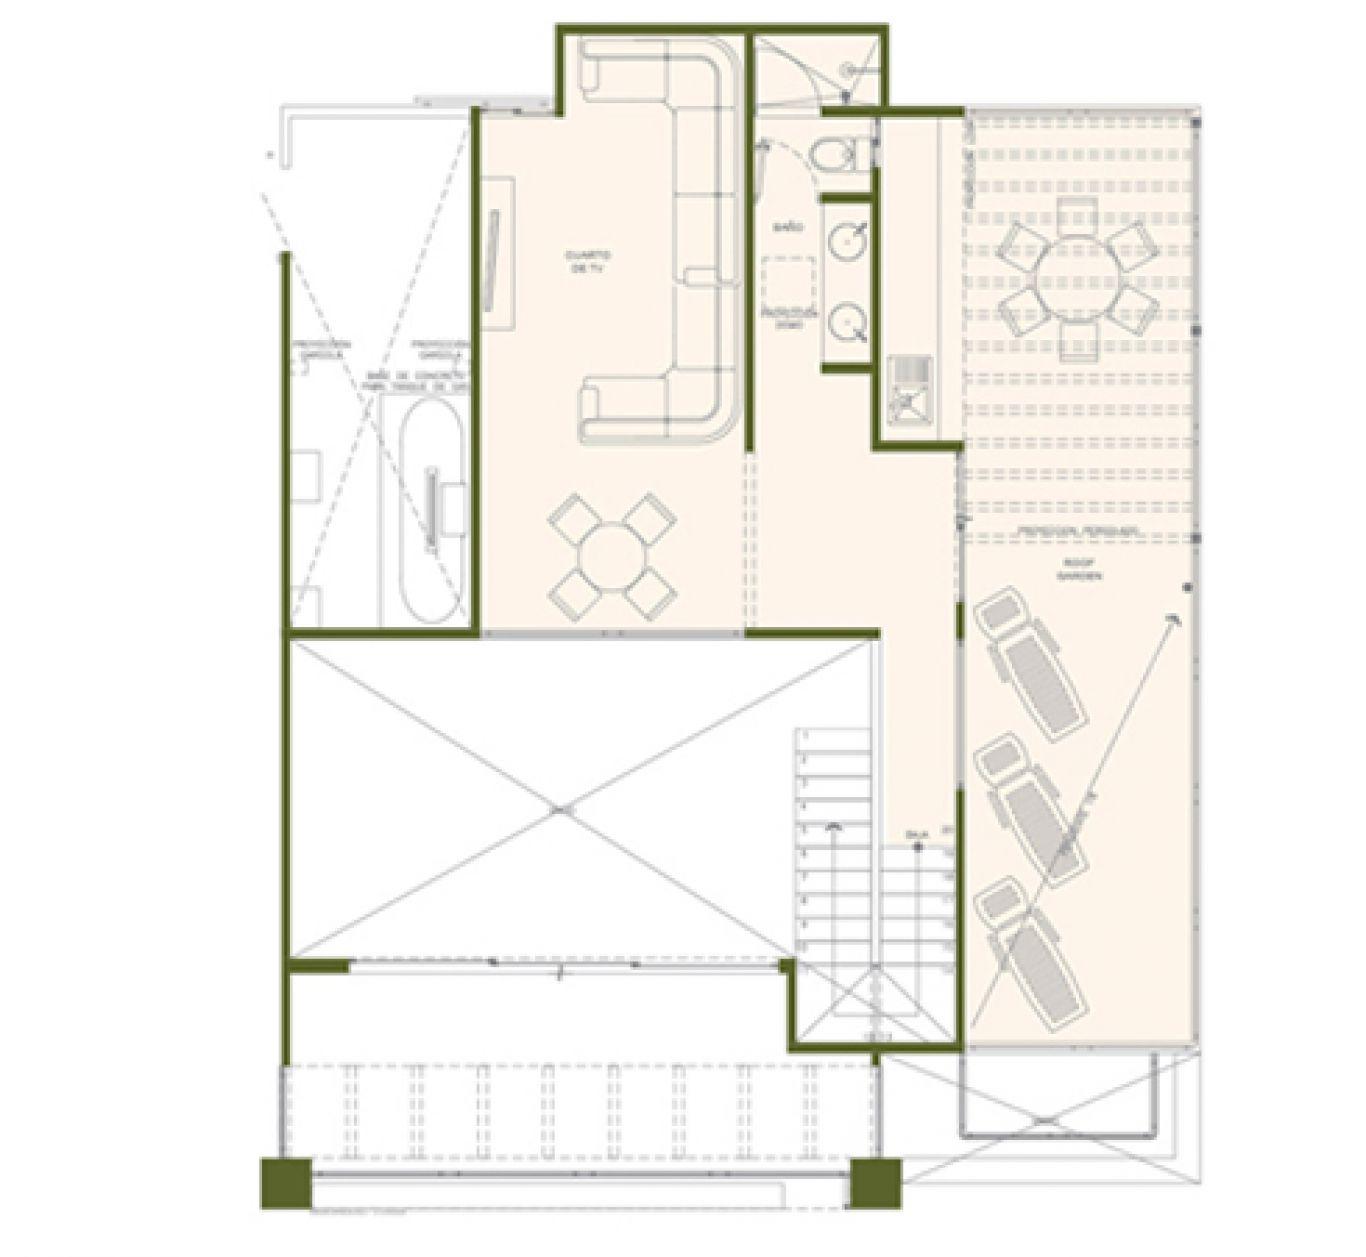 Residencial paraíso country club, id 1525184, no 2, plano de birdie, 402